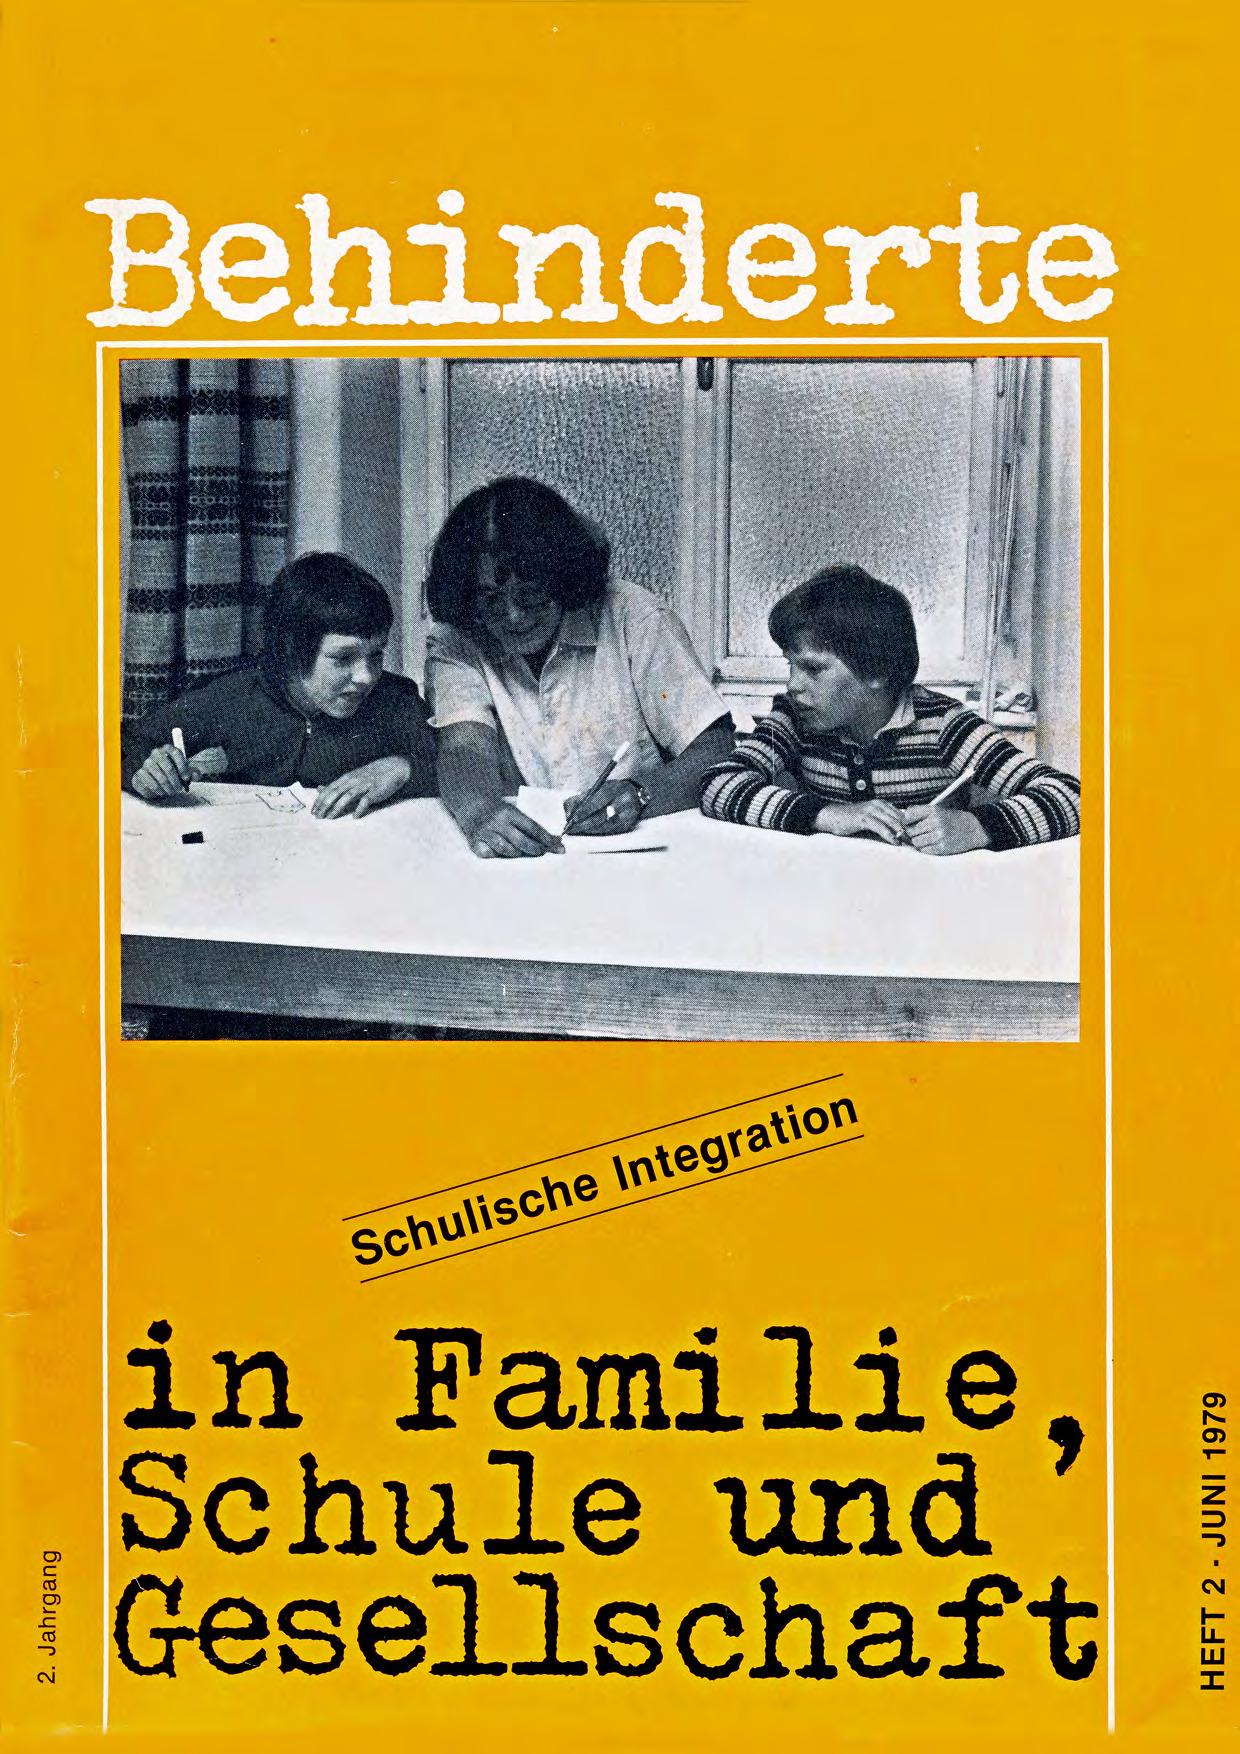 """Titelbild der Zeitschrift BEHINDERTE MENSCHEN, Ausgabe 2/1979 """"Schulische Integration"""""""